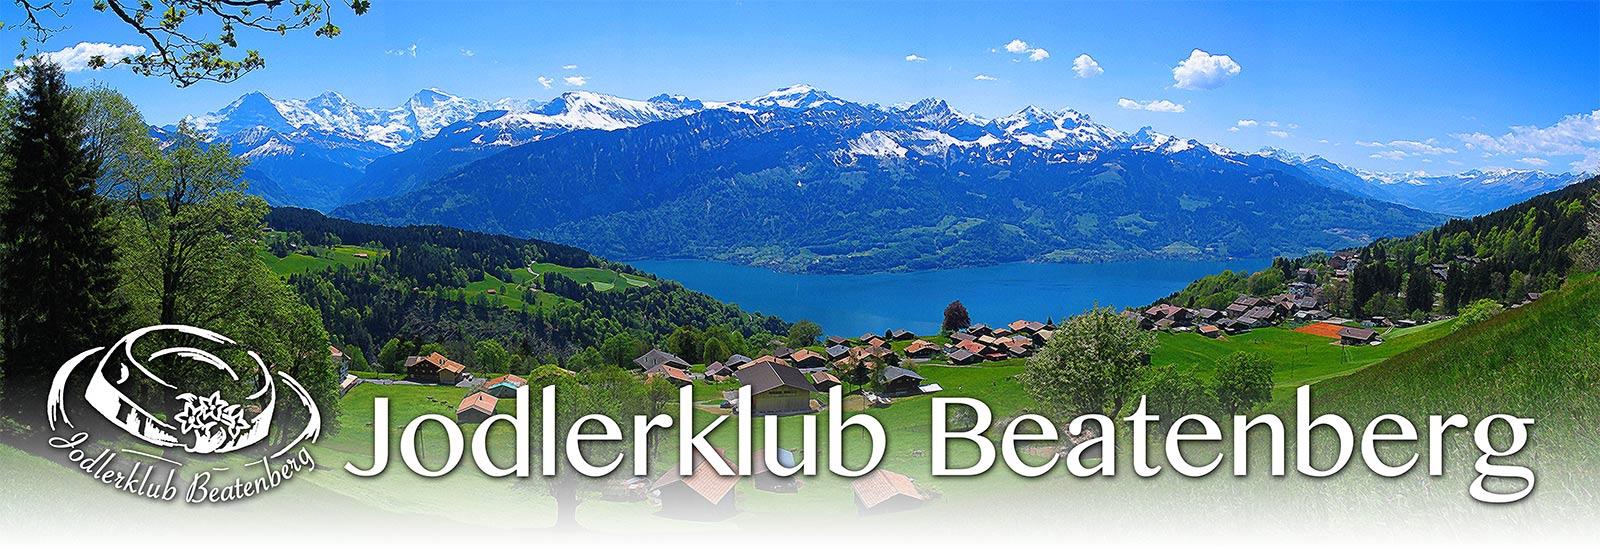 https://www.jodlerklub-beatenberg.ch/